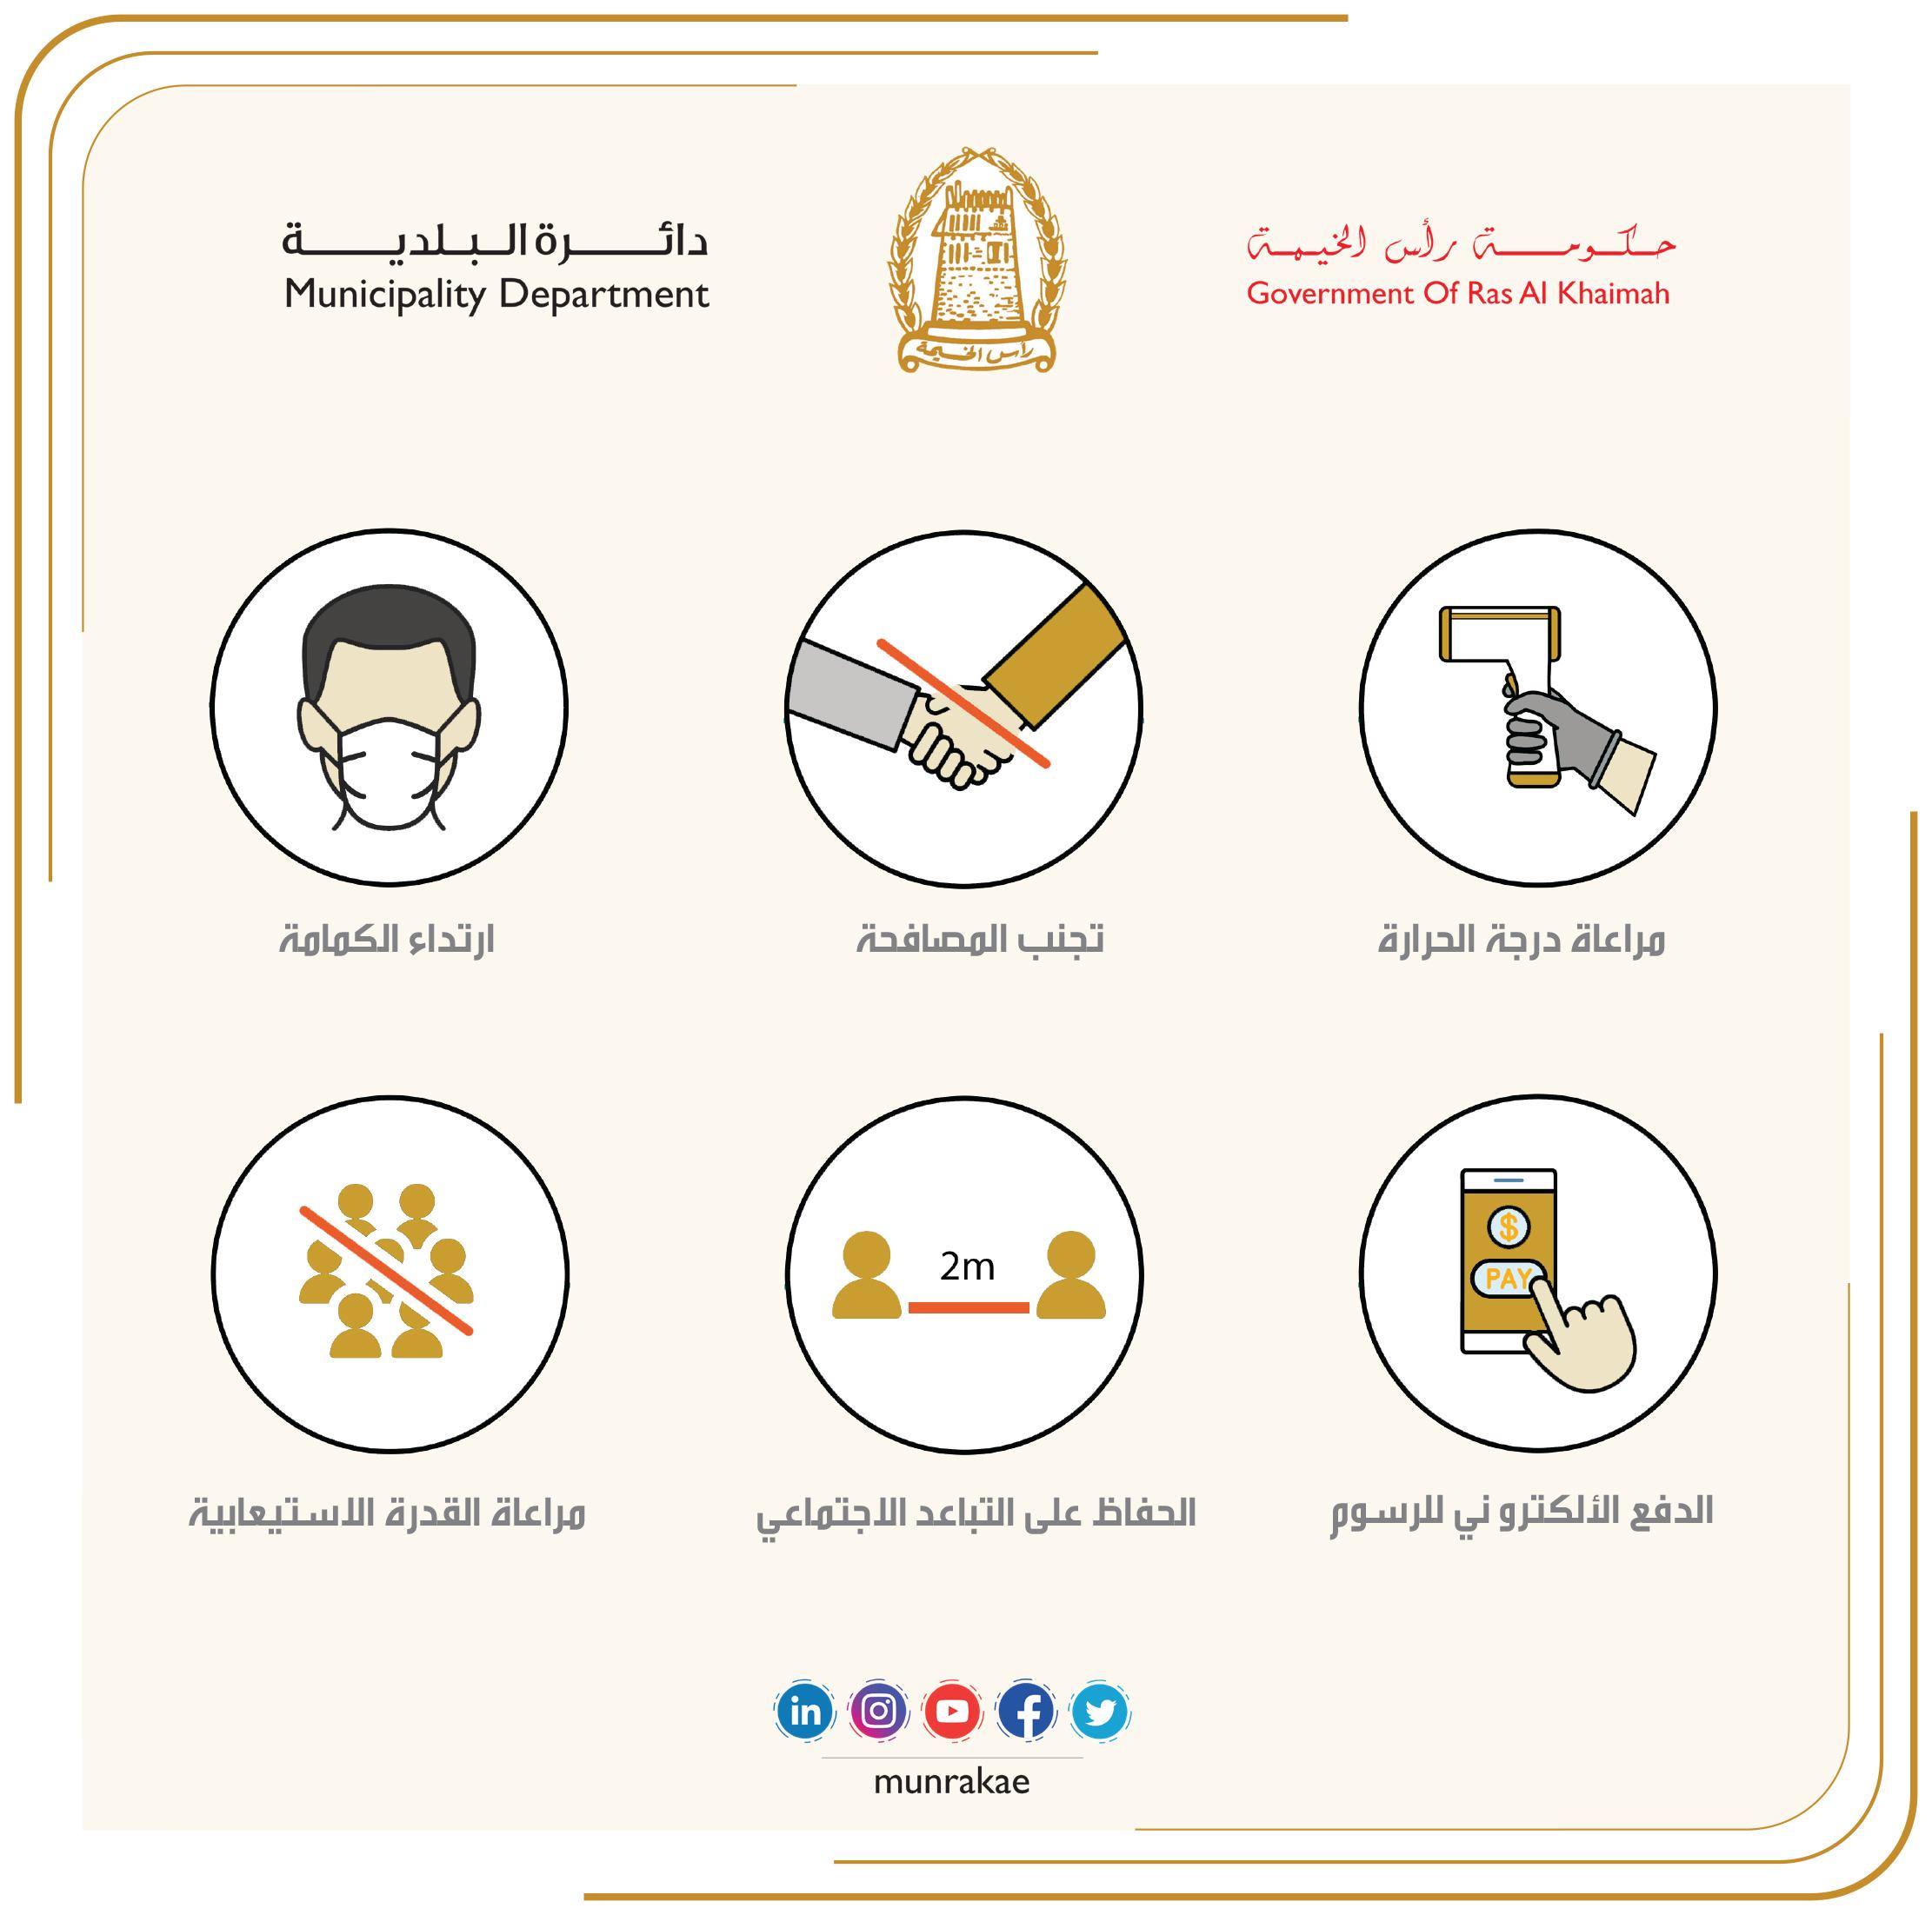 بلدية رأس الخيمة تستقبل المتعاملين ابتداء من يوم غد ضمن شروط وتدابير احترازية ووقائية